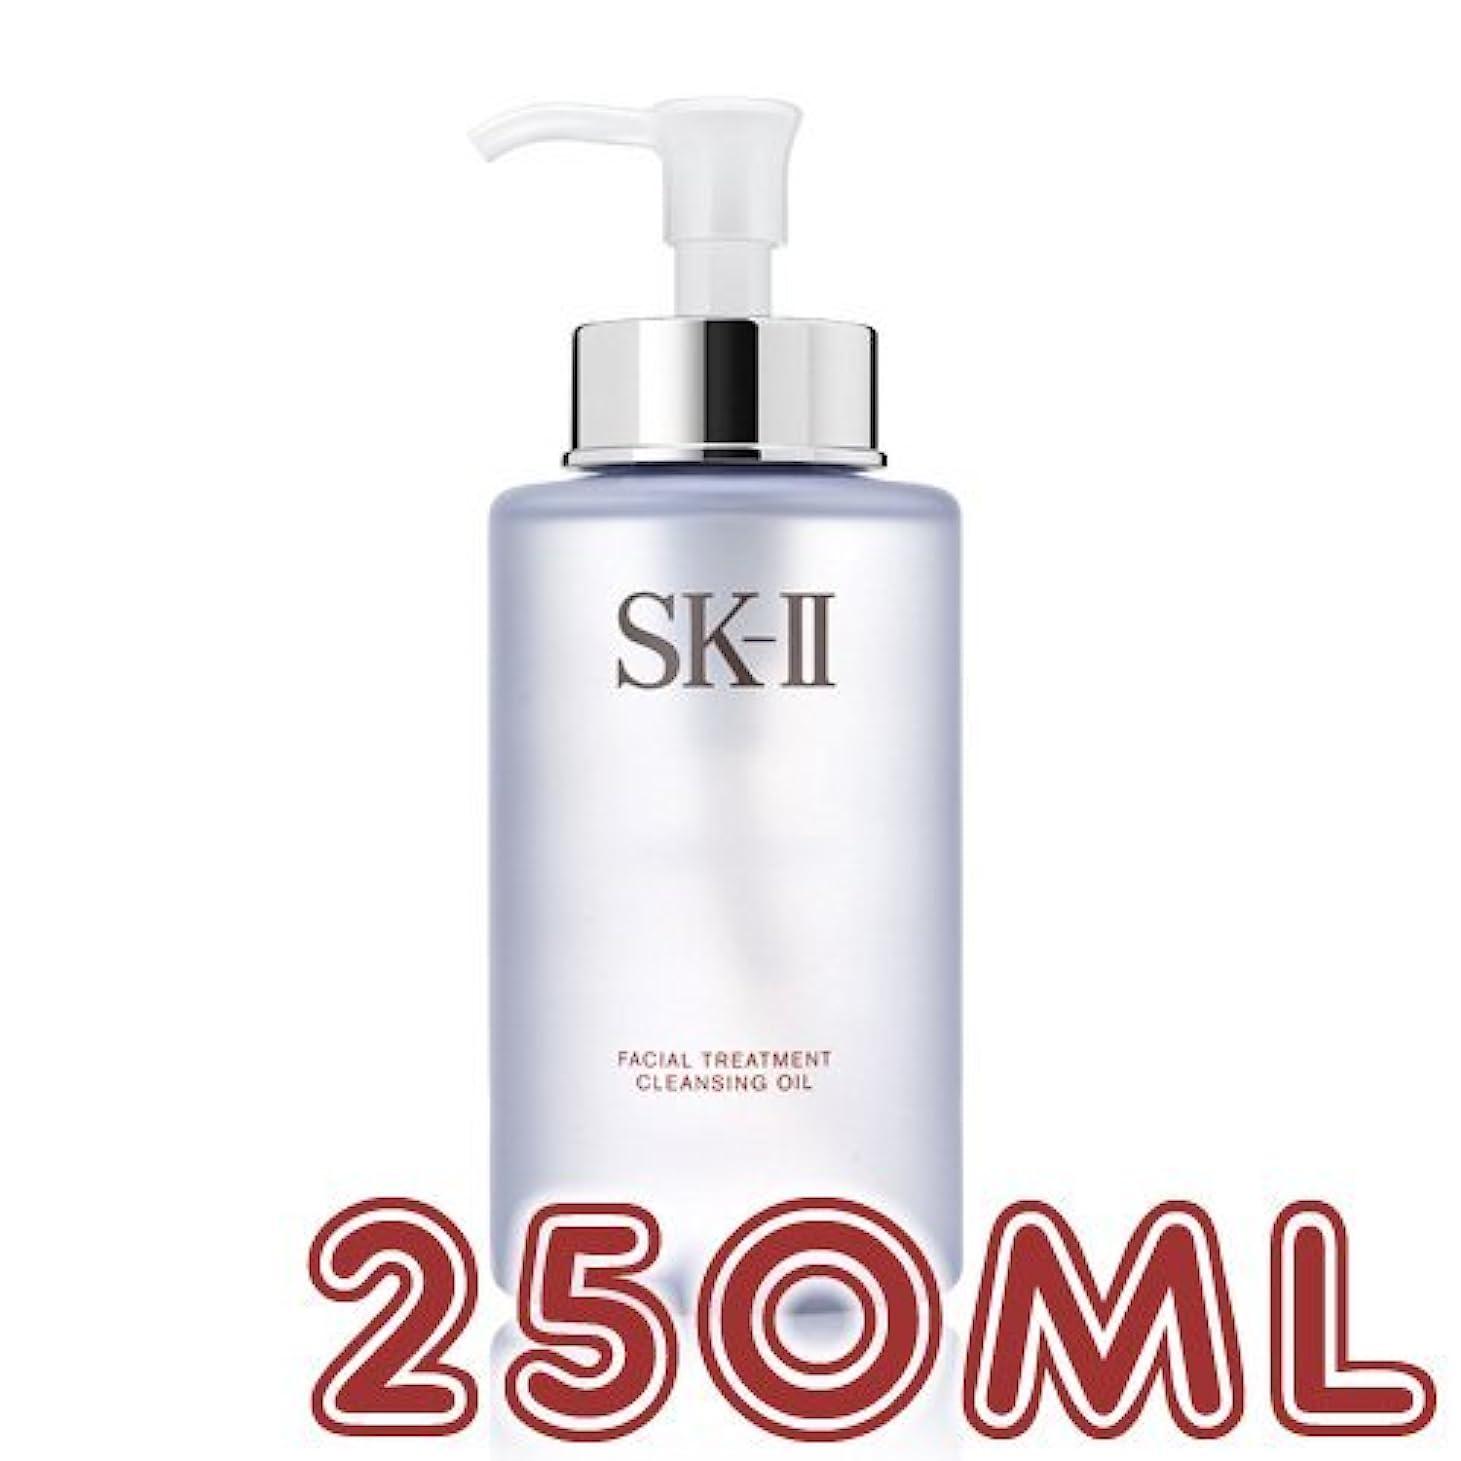 ひいきにする入浴うまくやる()【SK-II】 フェイシャルトリートメントクレンジングオイル 250ml(並行輸入品)